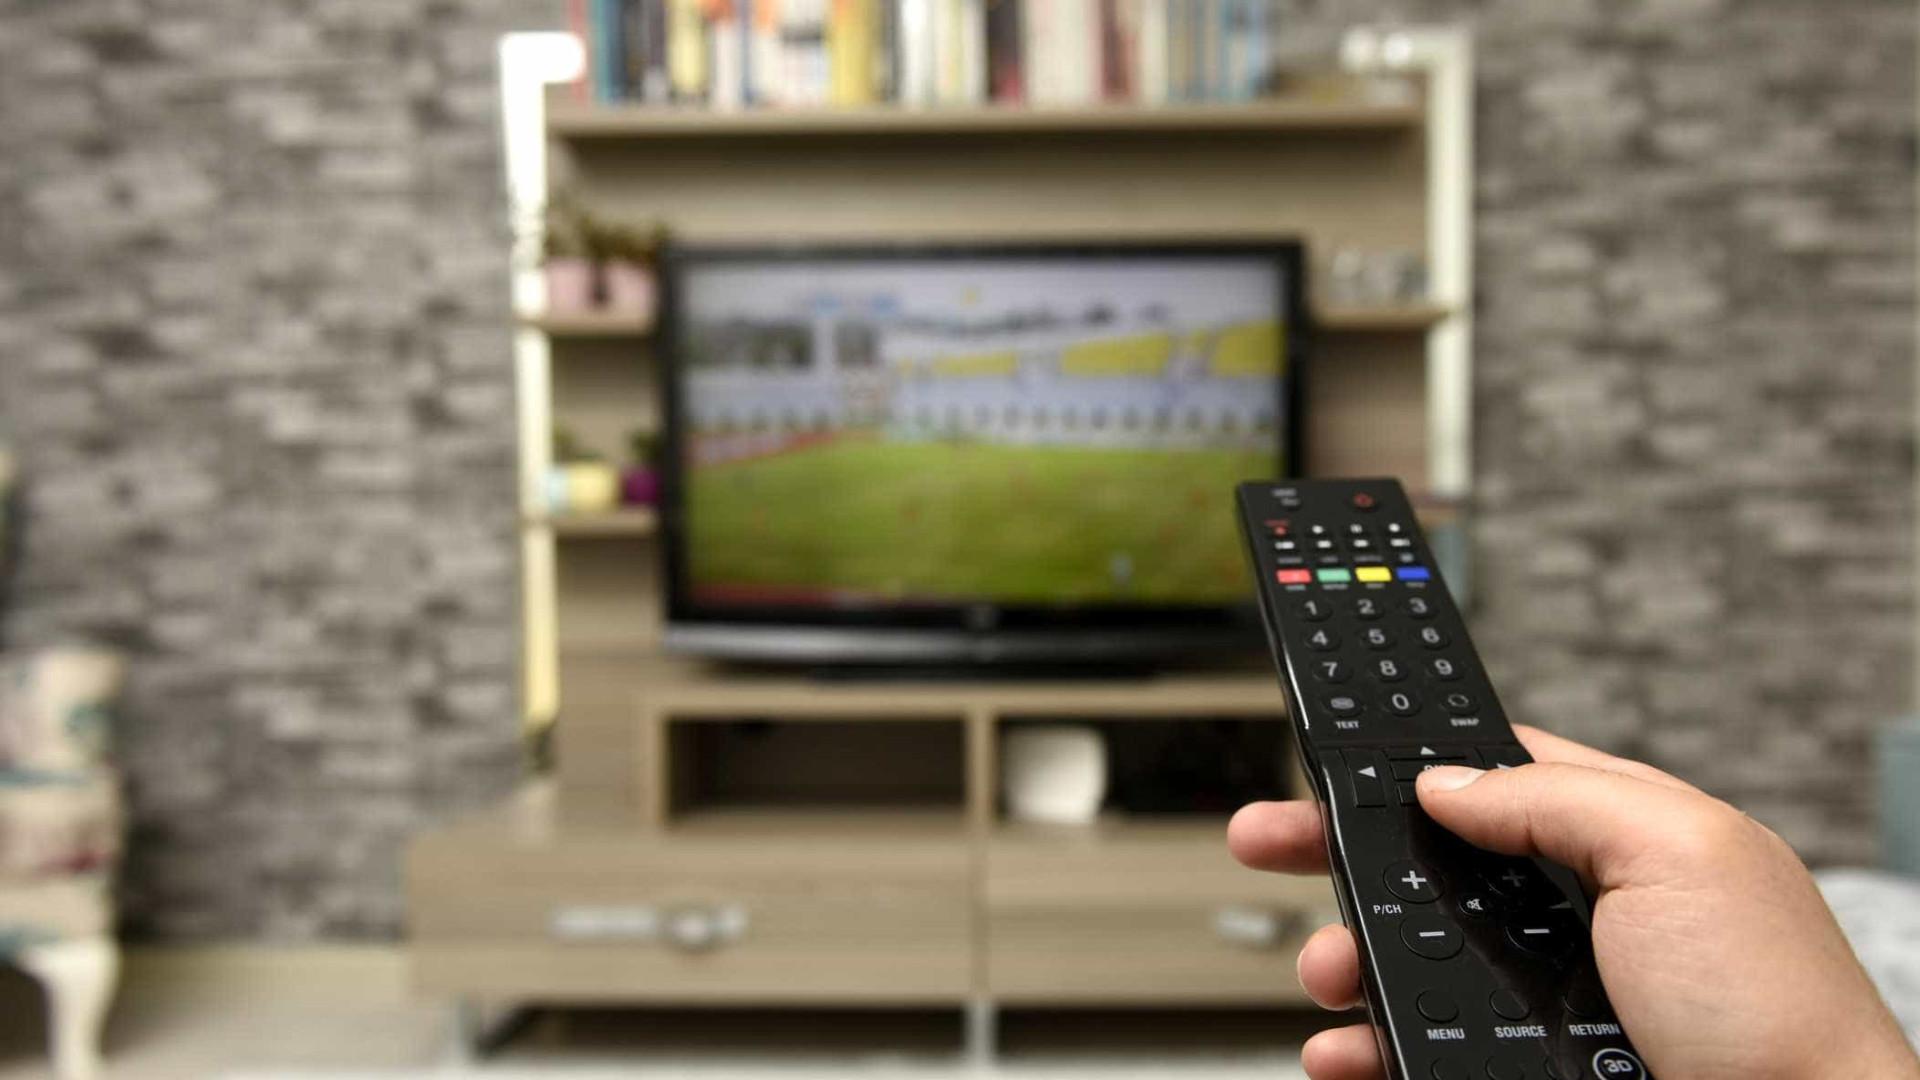 Smart TV consomem mais energia do que o anunciado, alerta a DECO